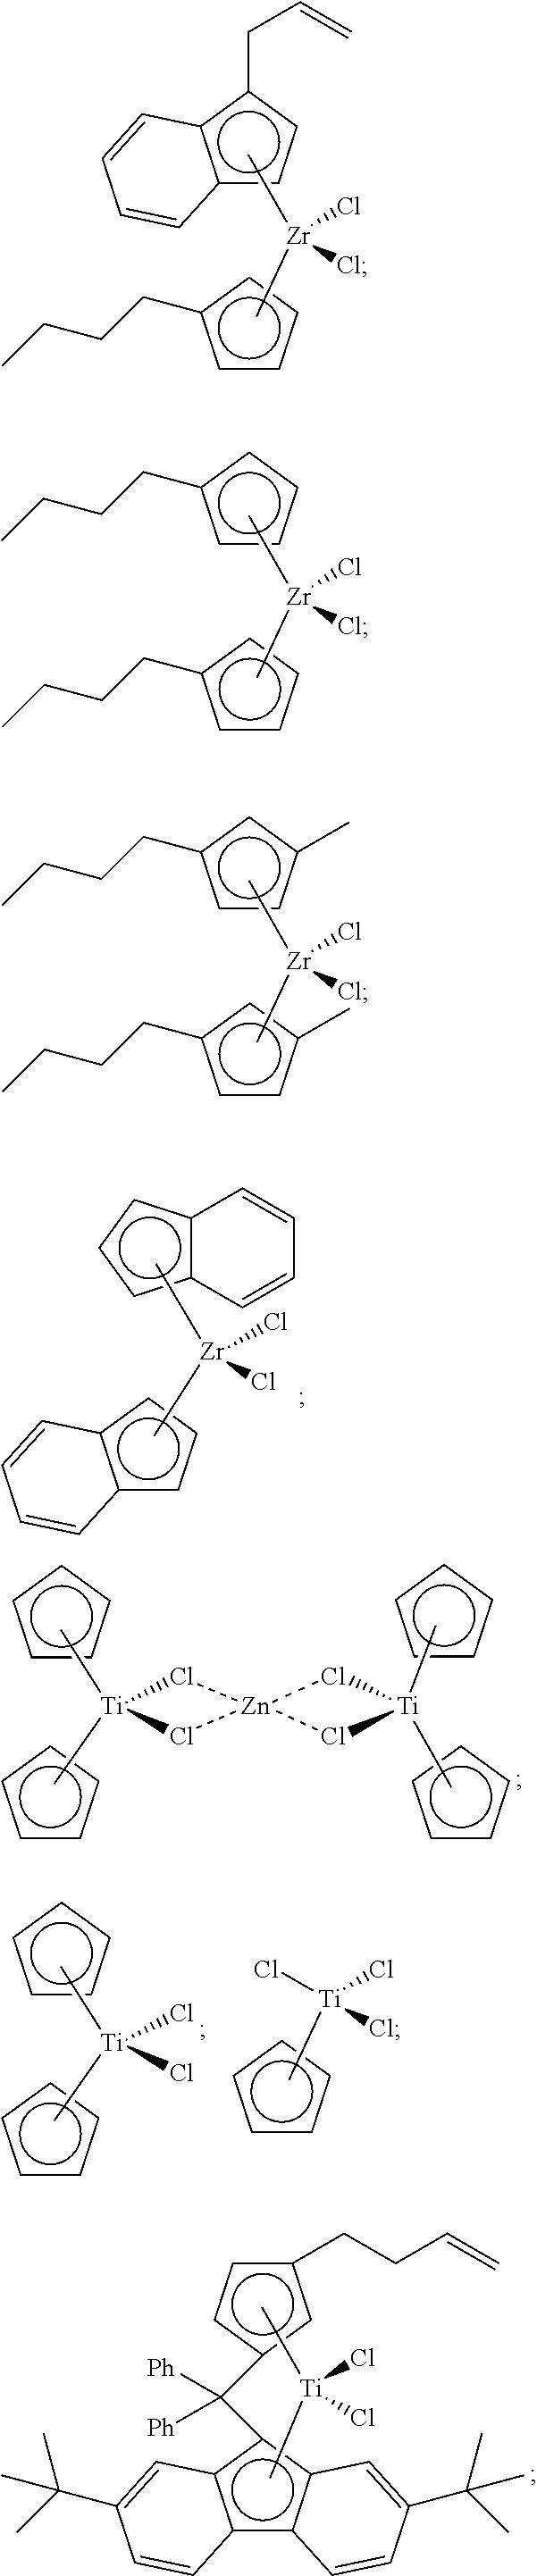 Figure US08501654-20130806-C00040